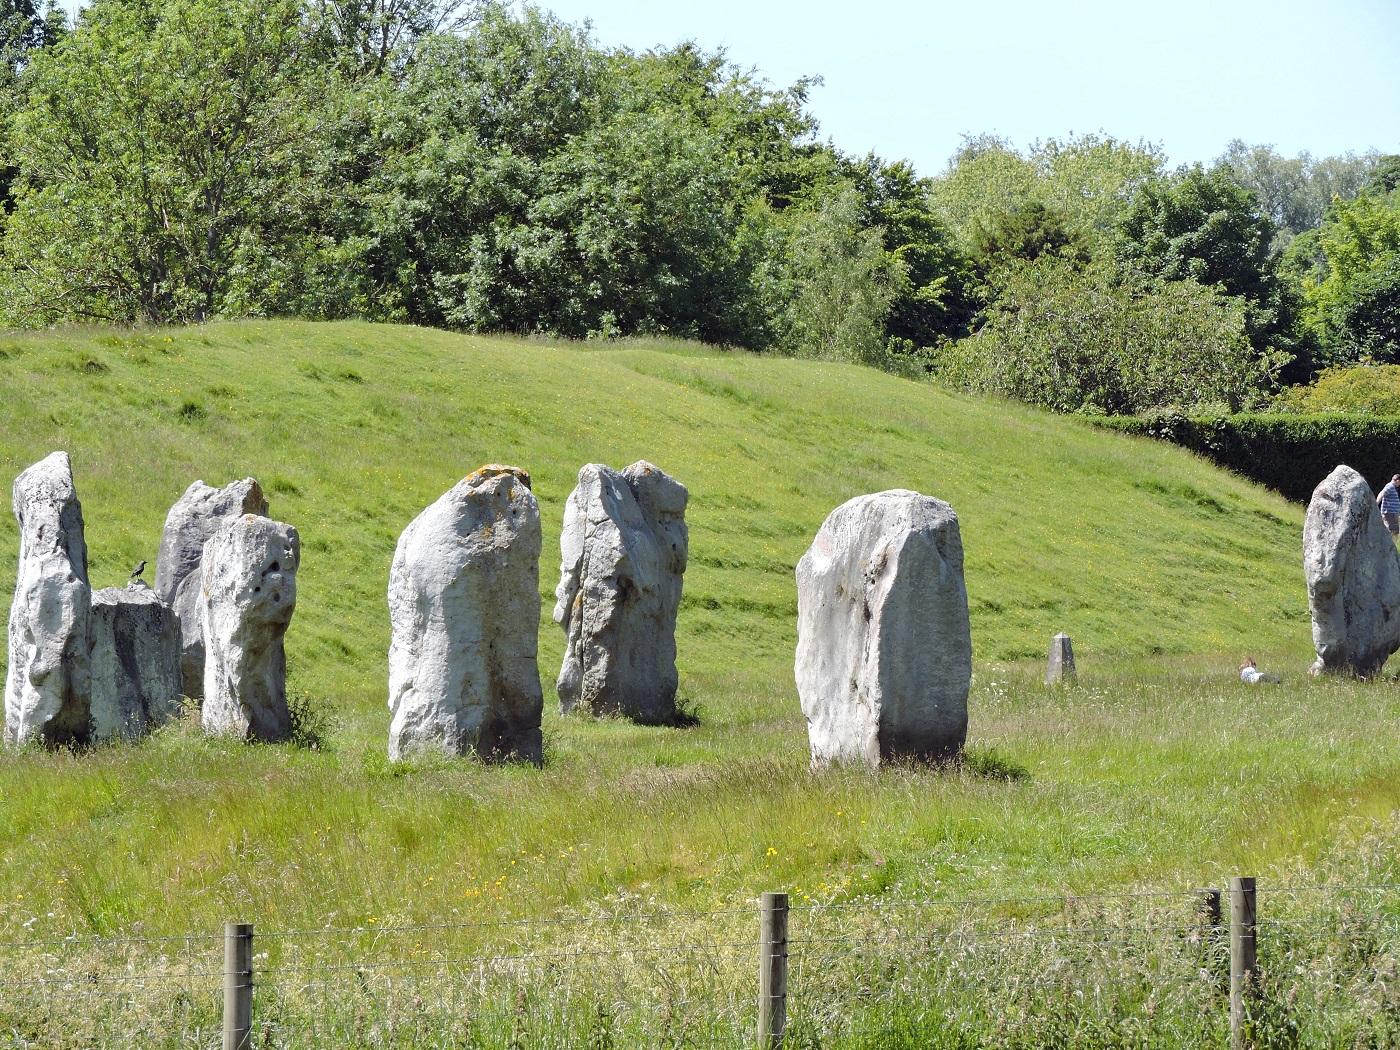 henge eath mound and stones at Avebury